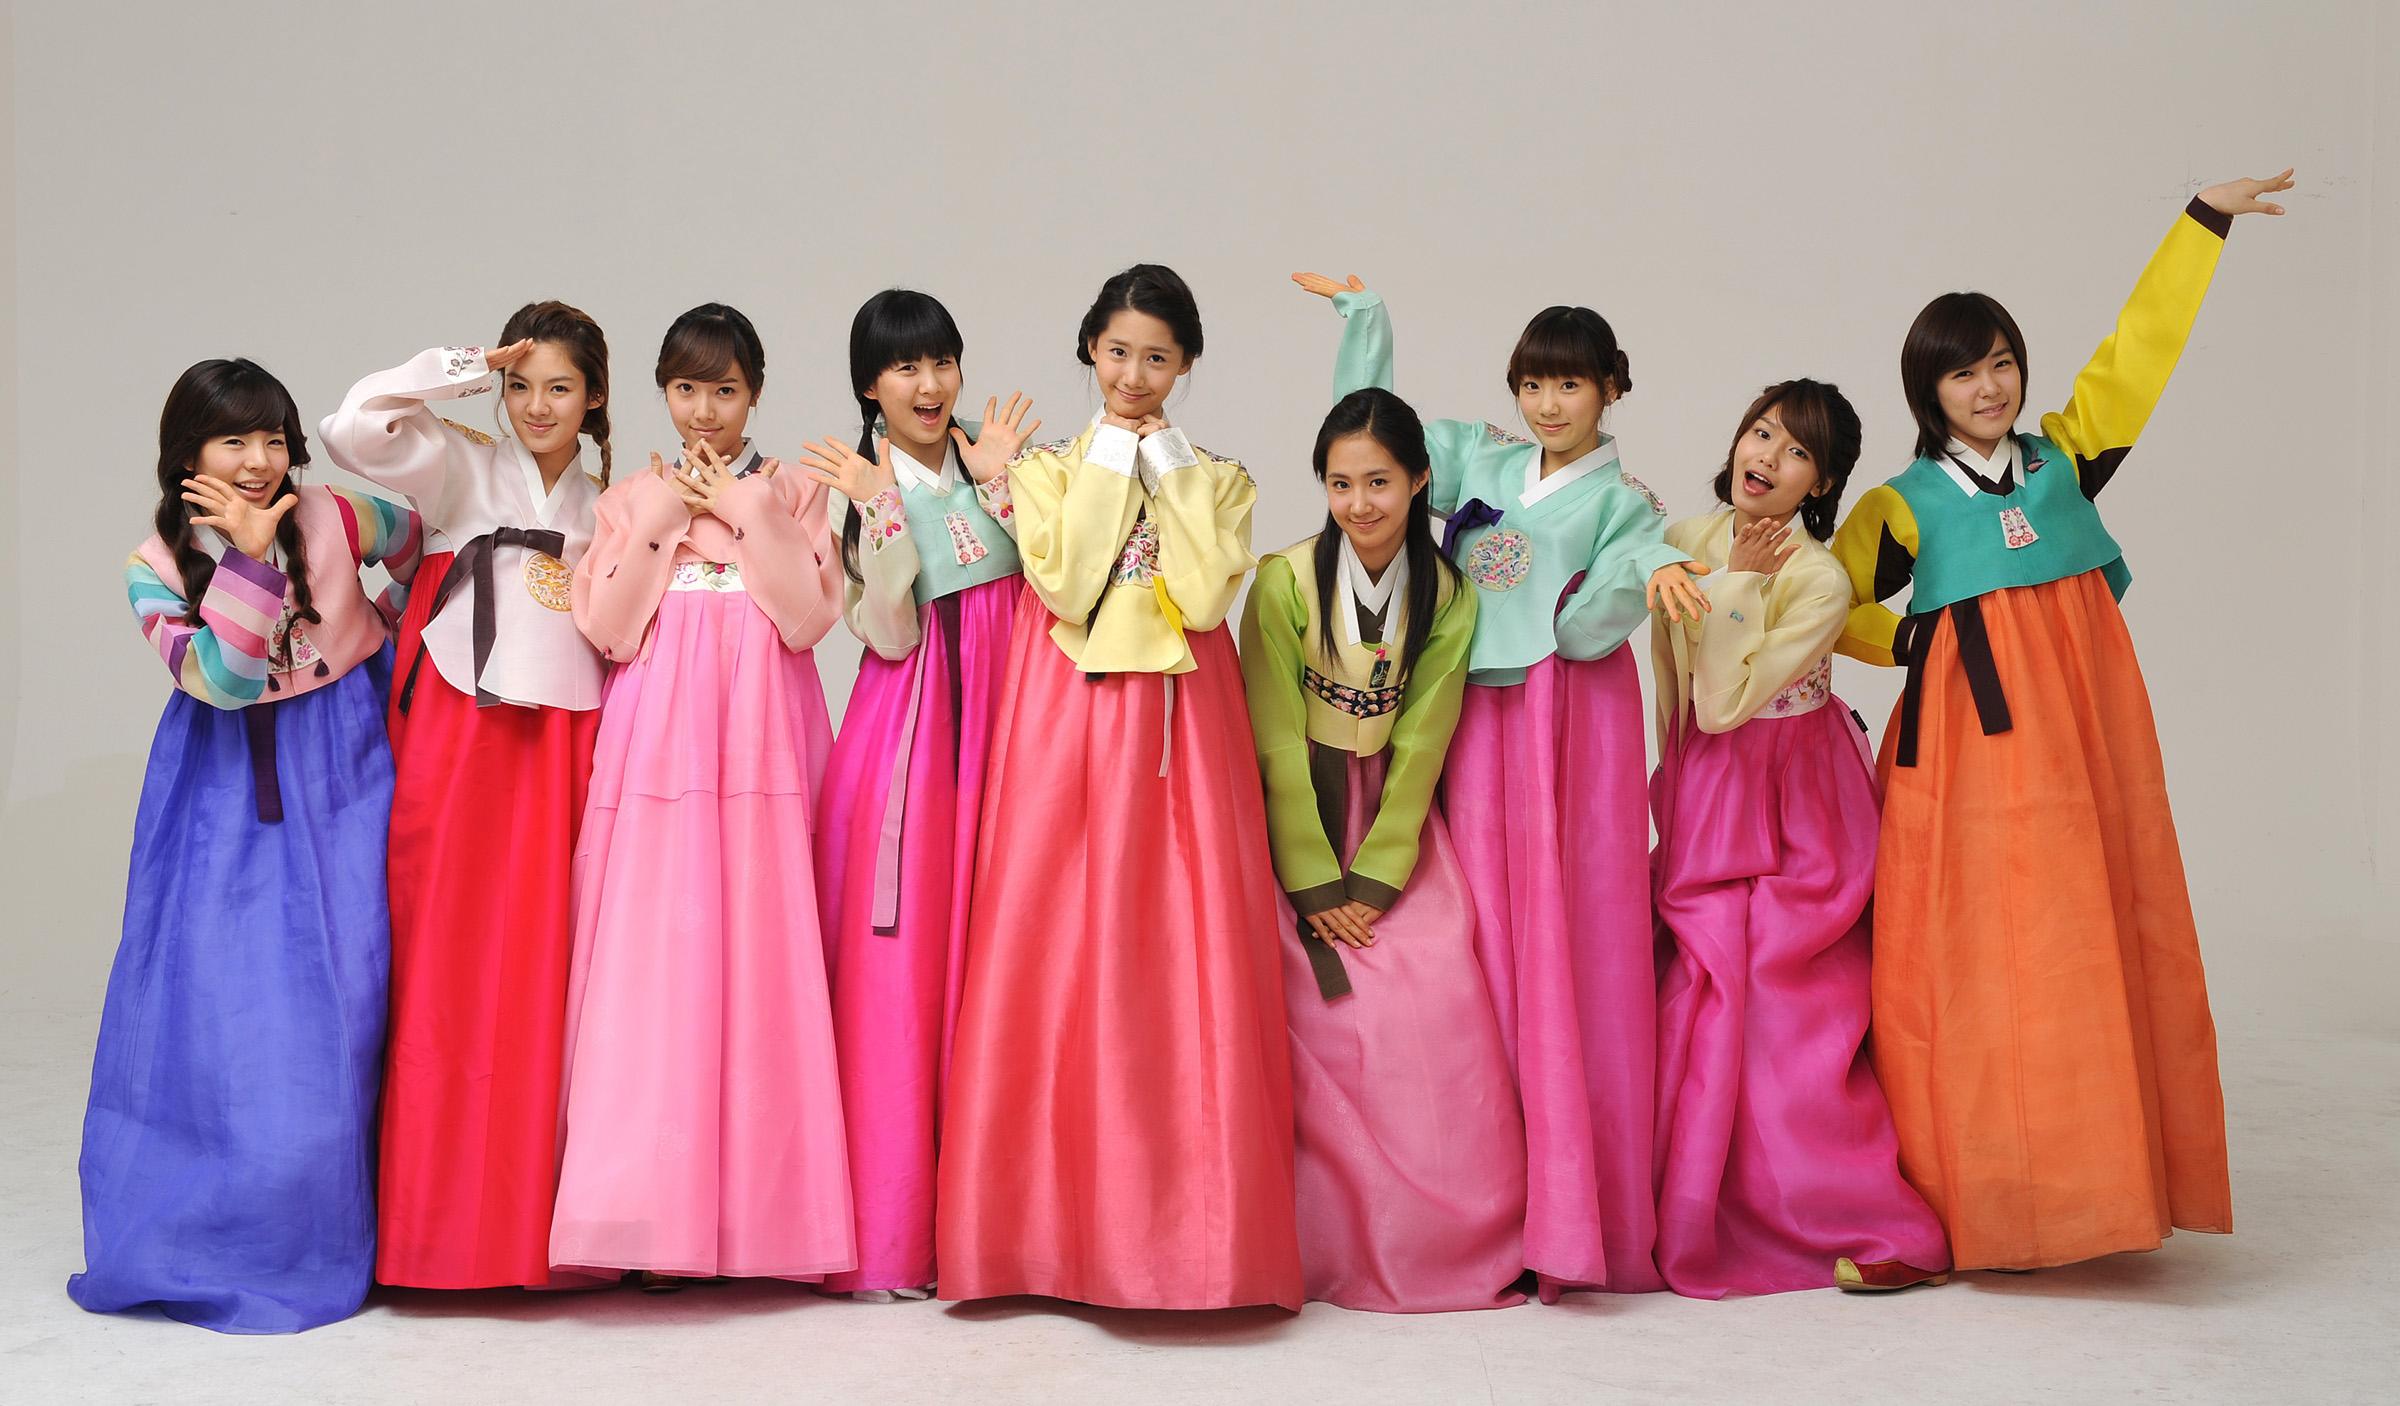 Hanbok korean traditional clothes